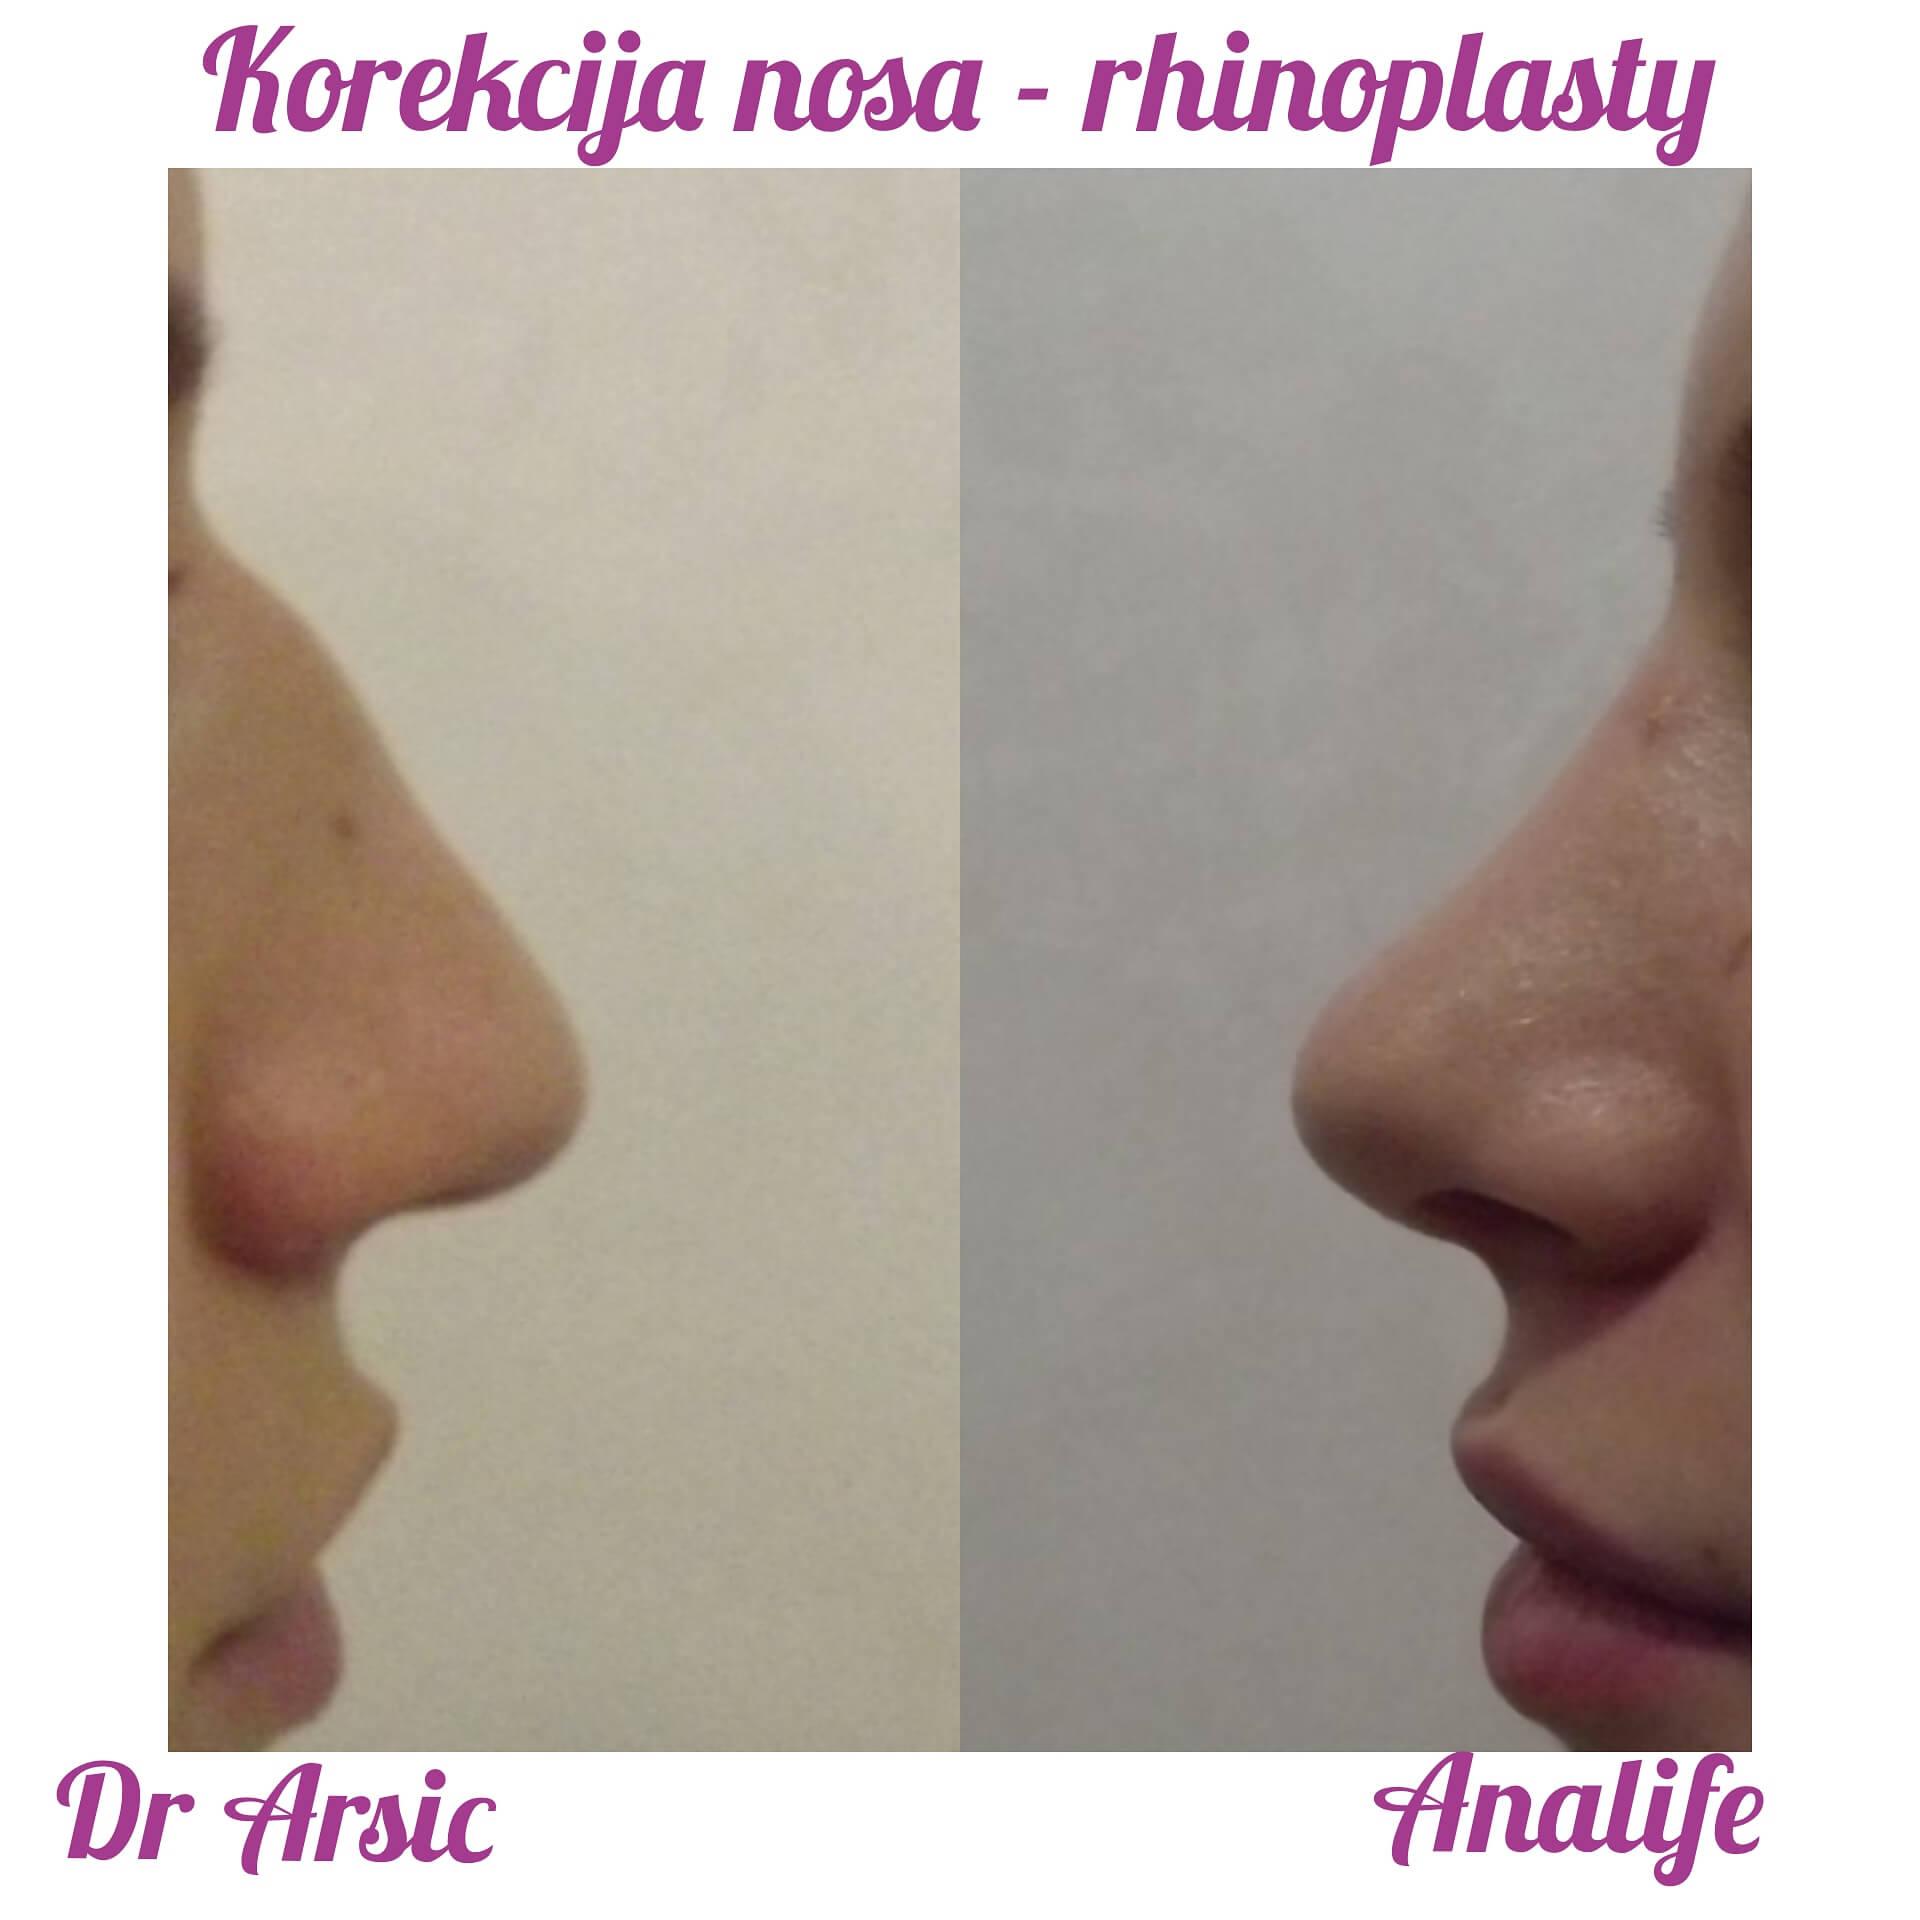 Operacija nosa jos uvek po promotivnoj ceni od 1950e